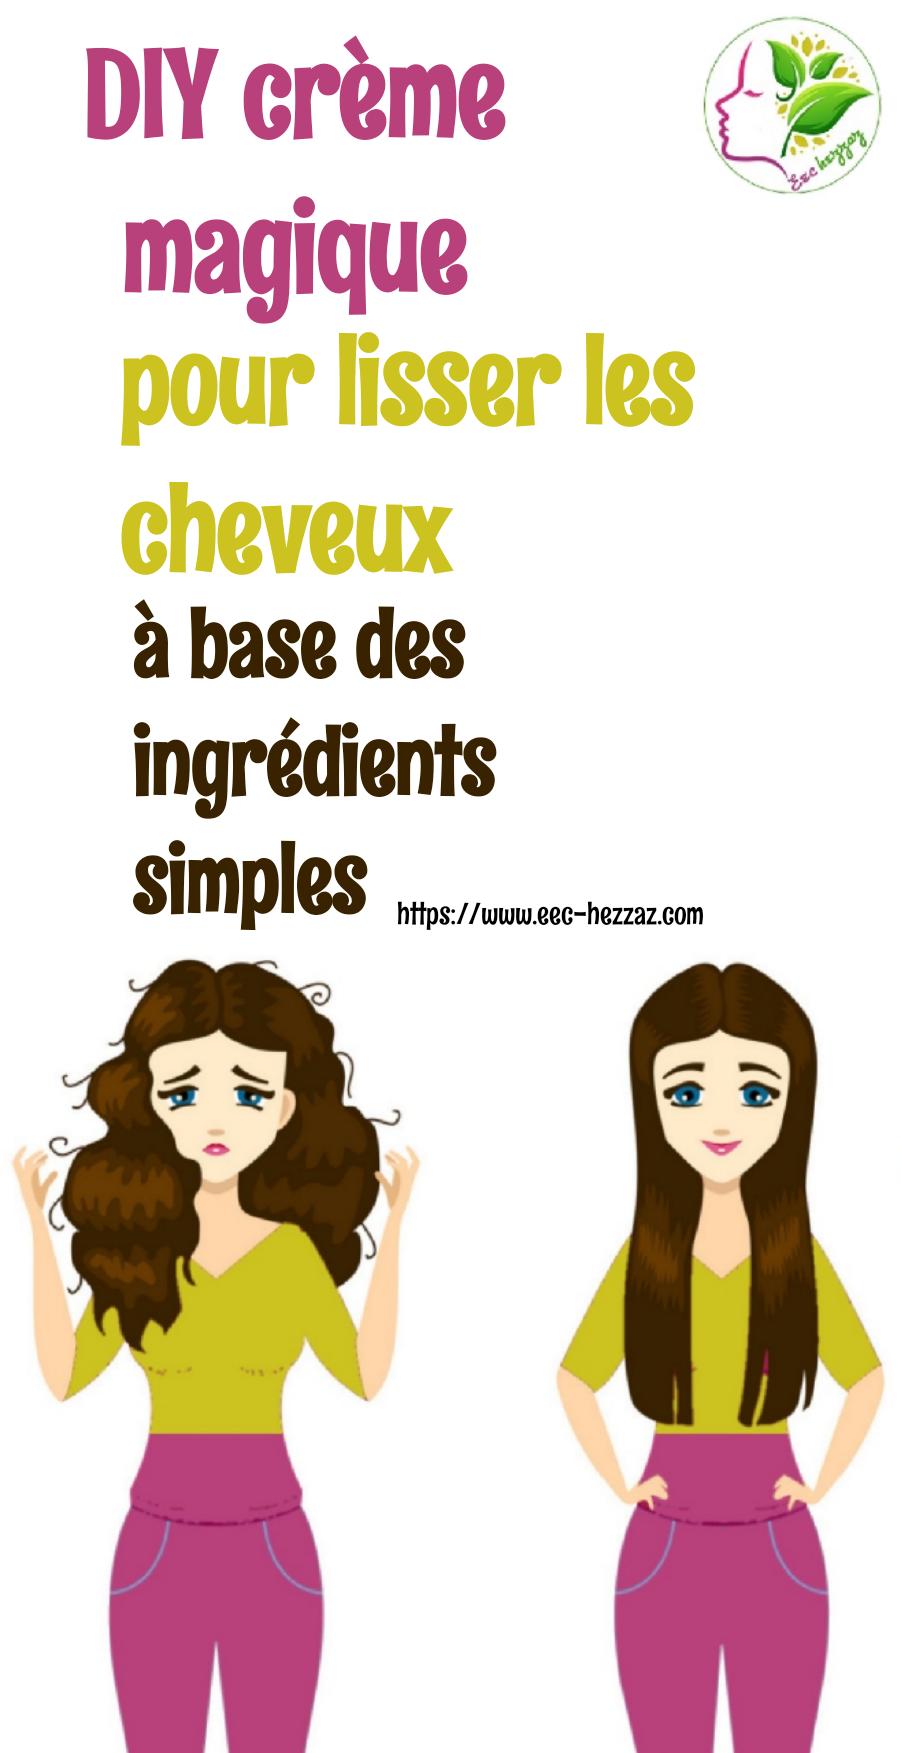 DIY crème magique pour lisser les cheveux à base des ingrédients simples